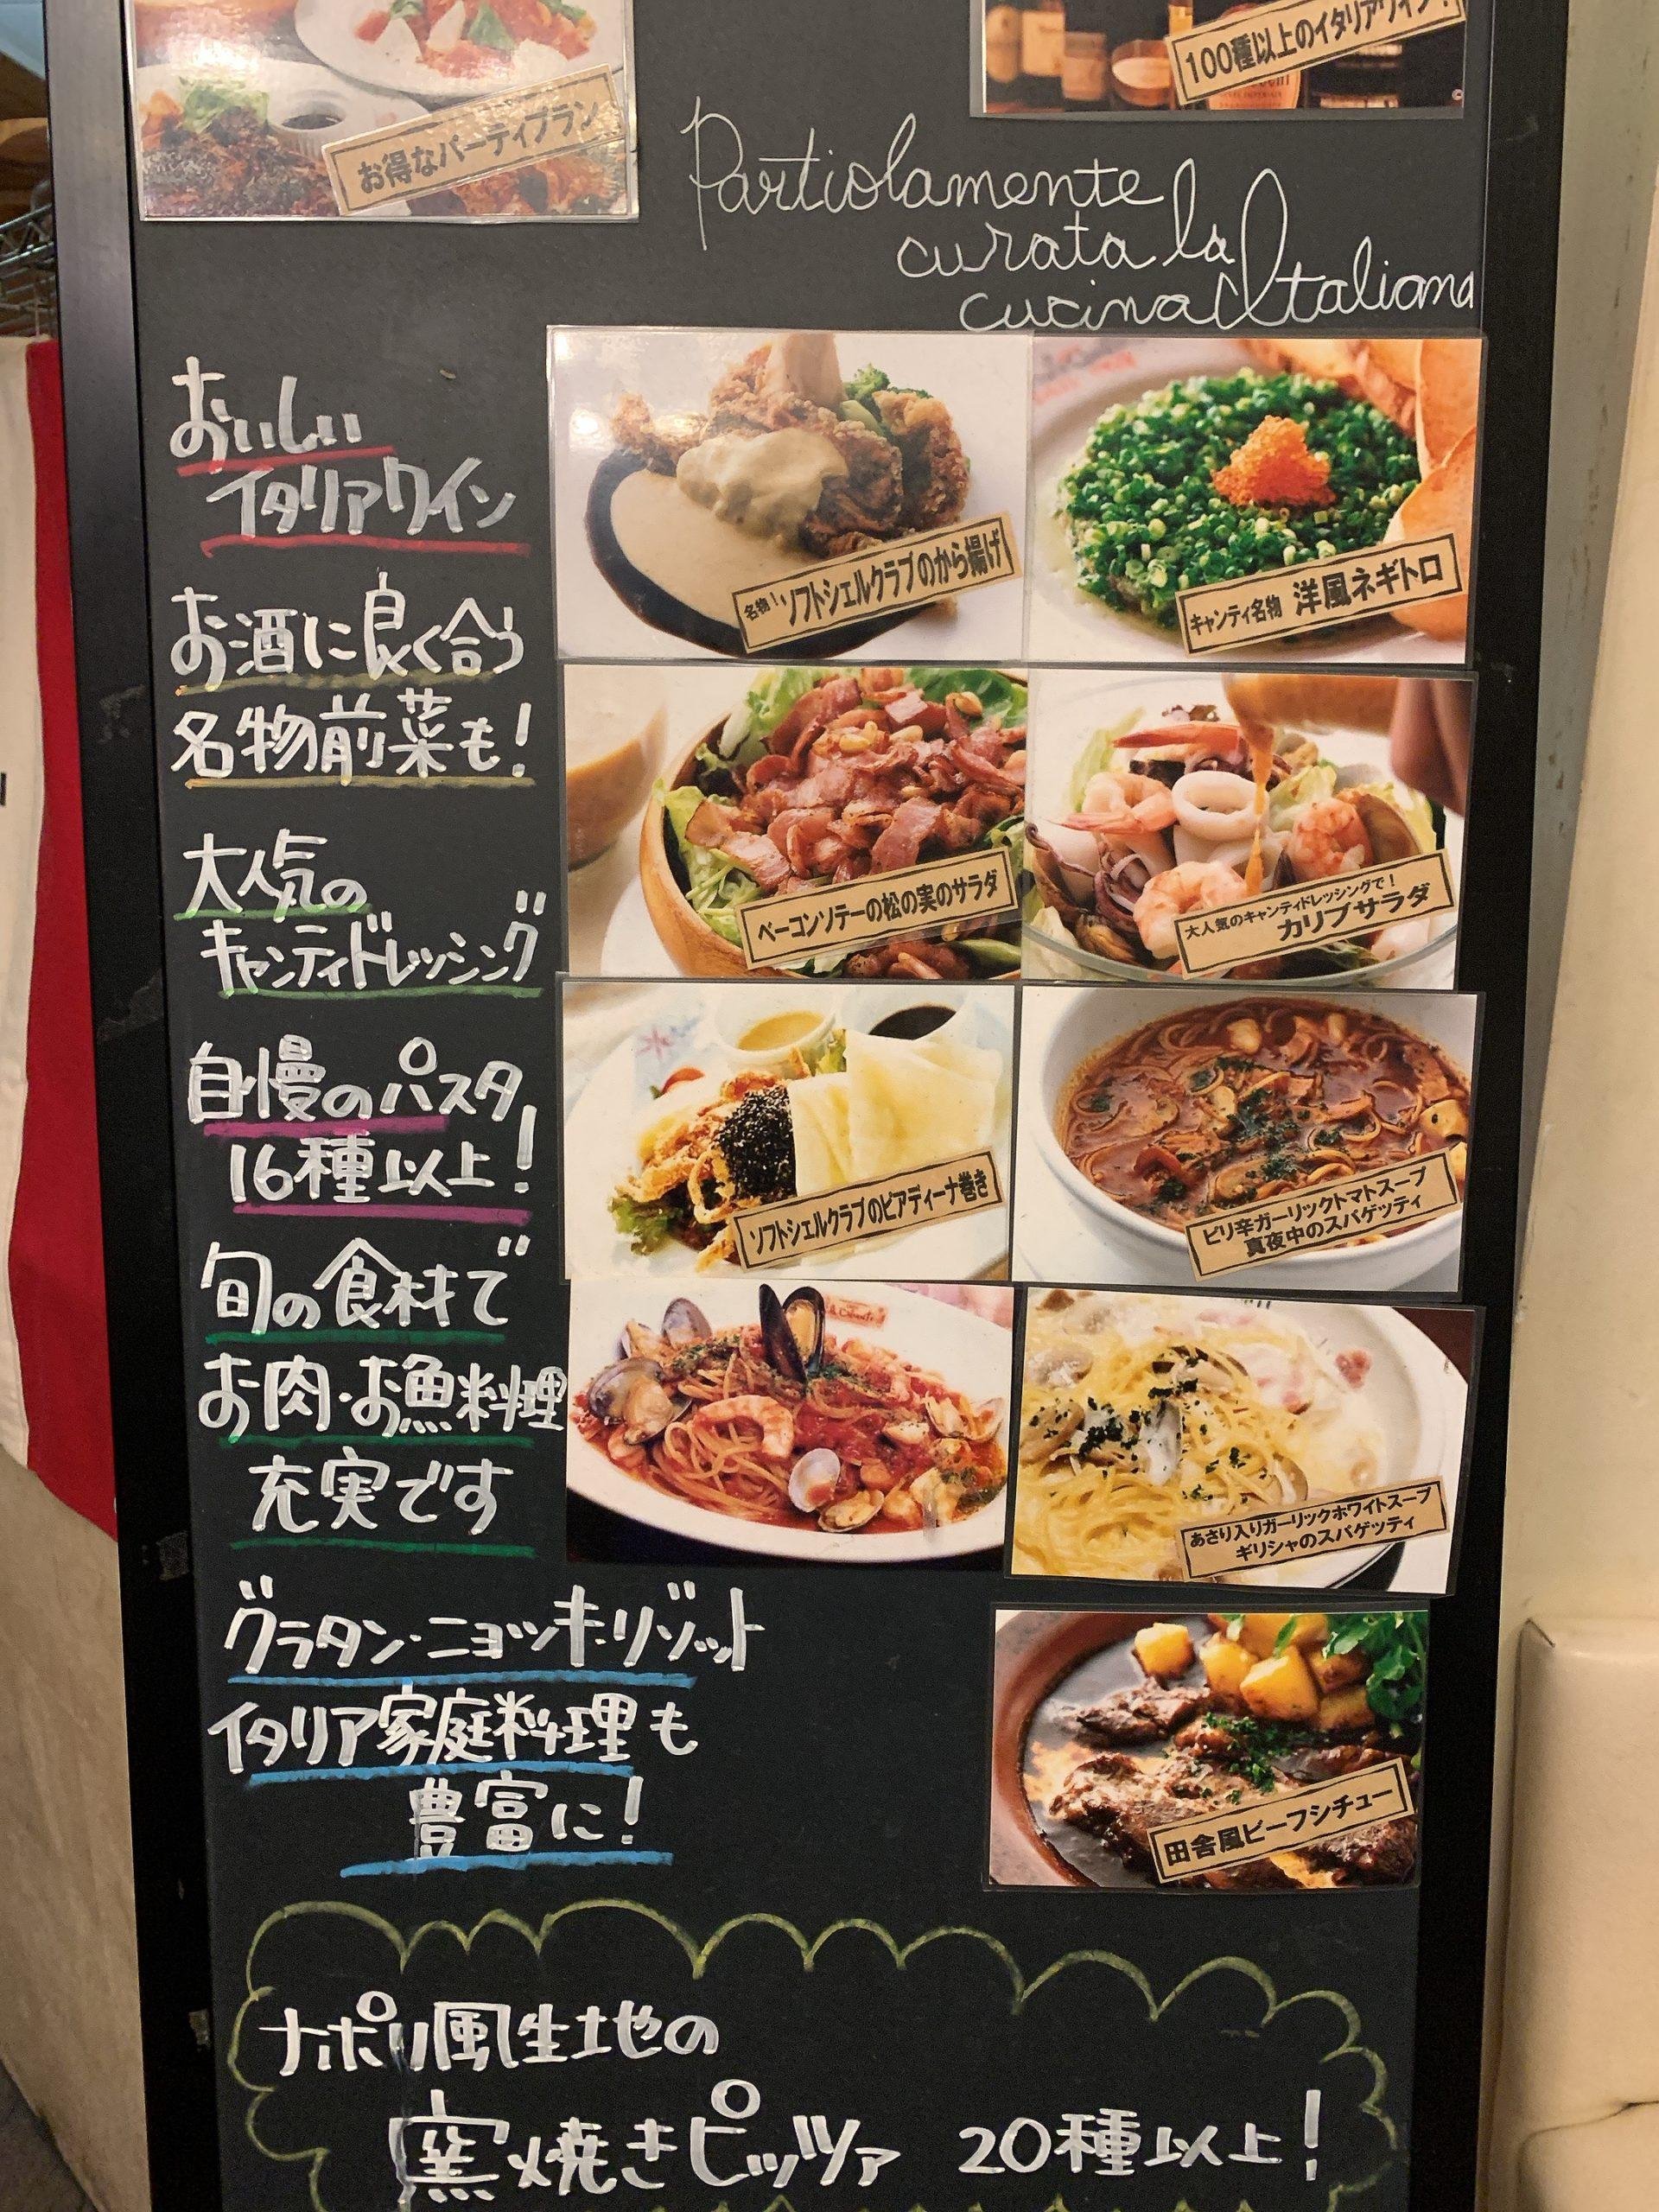 江ノ島 イル キャンティ